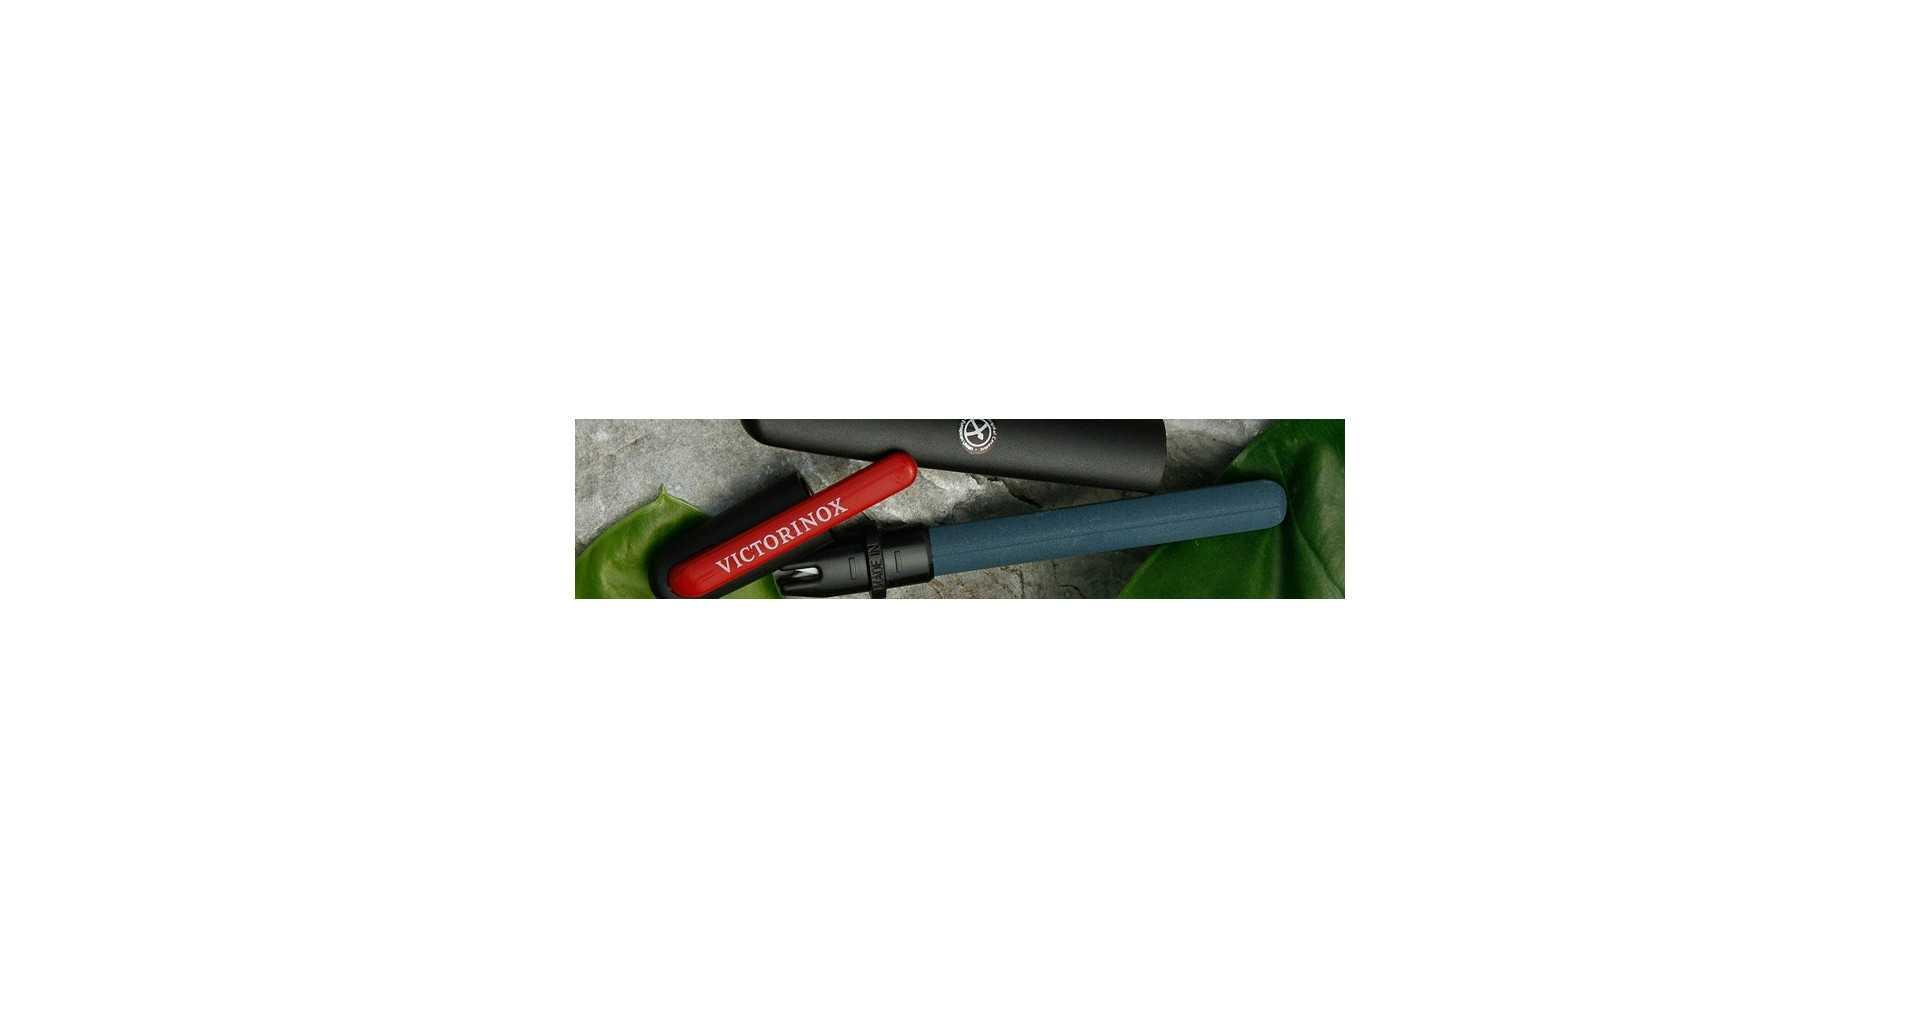 Victorinox peilių galąstuvai